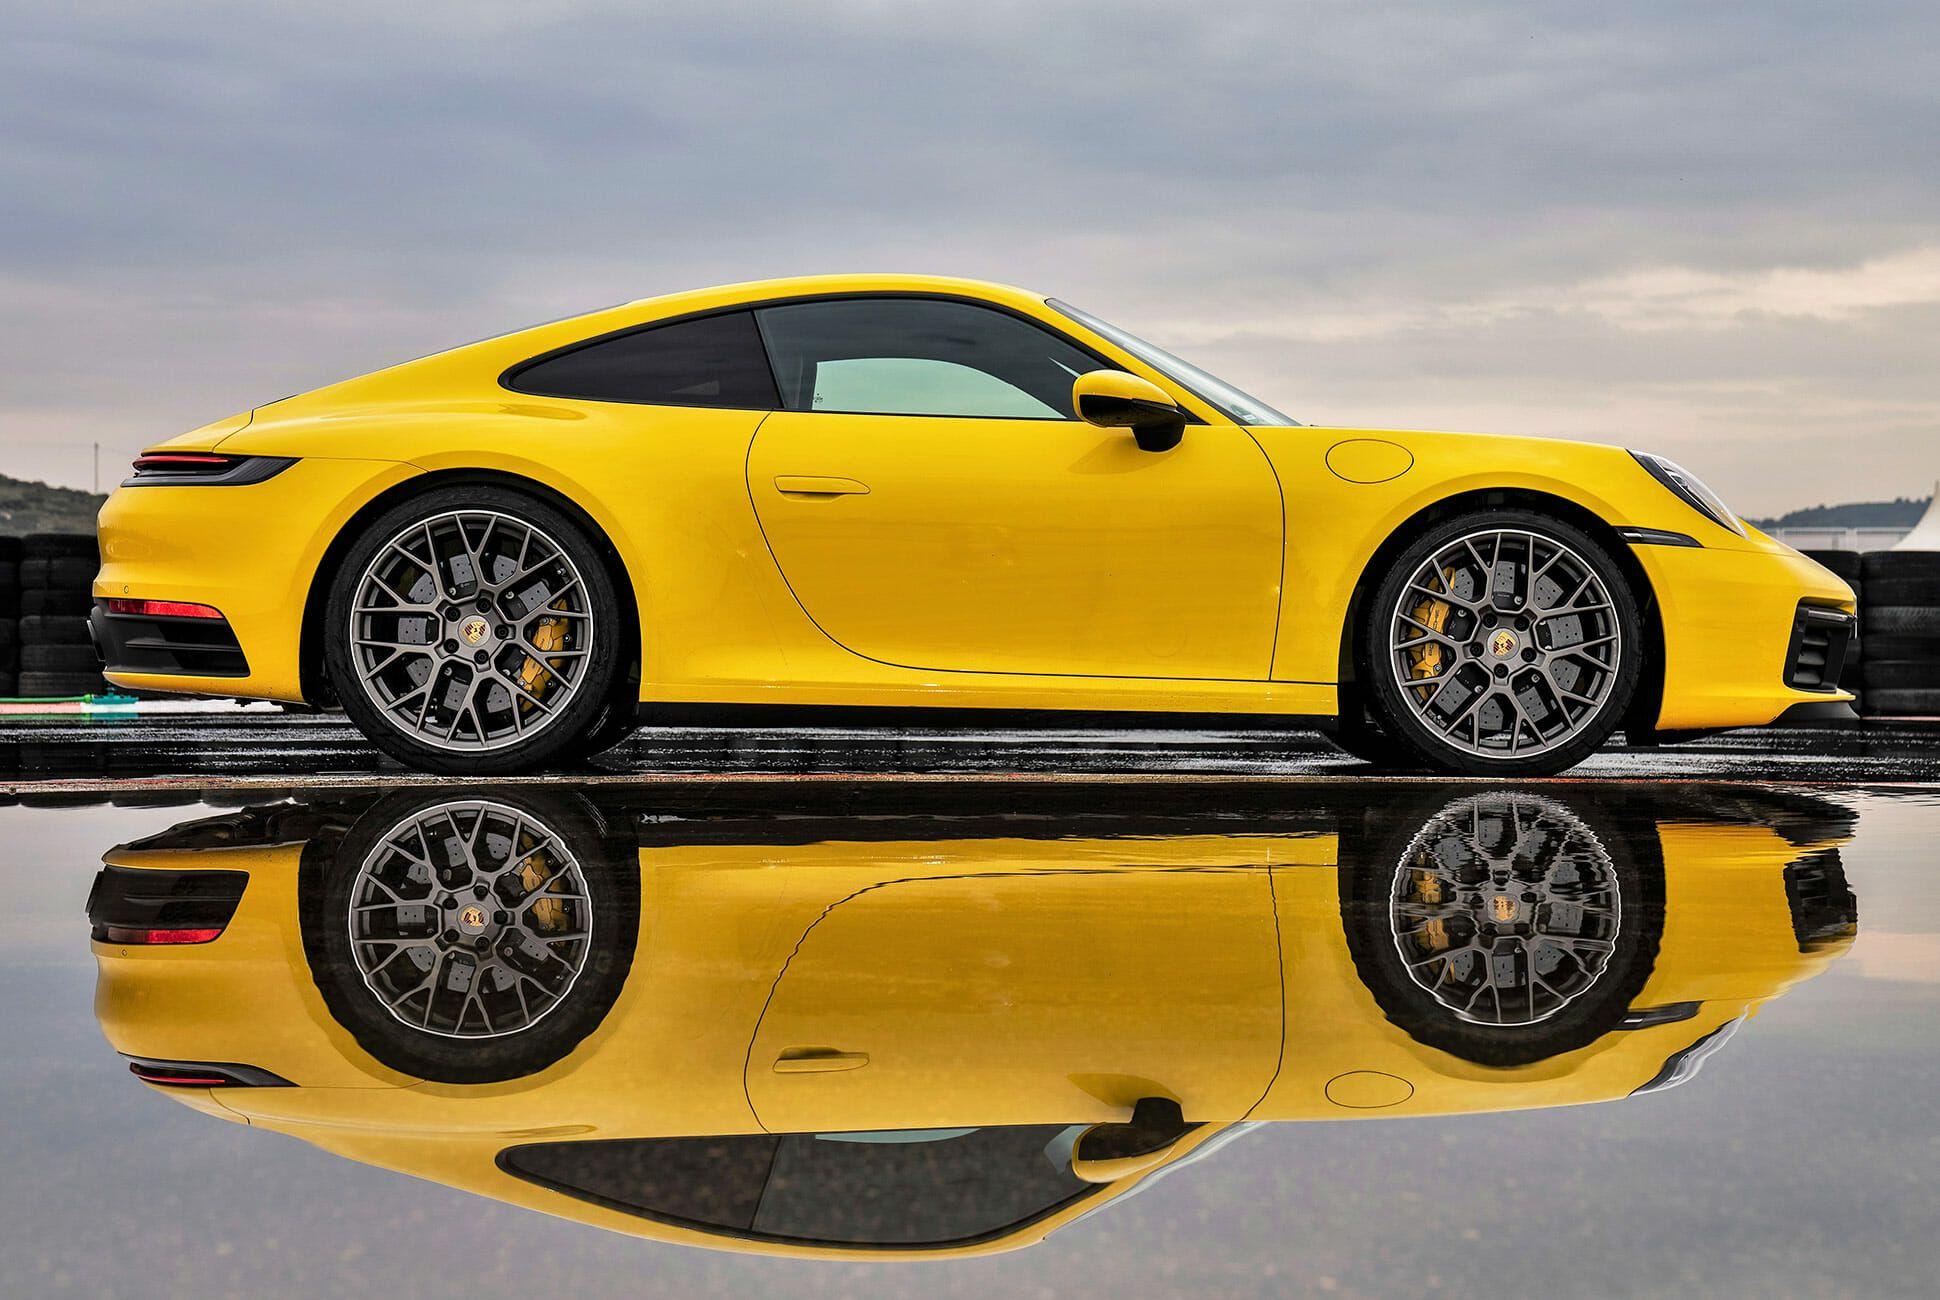 992-Porsche-911-Review-gear-patrol-slide-2